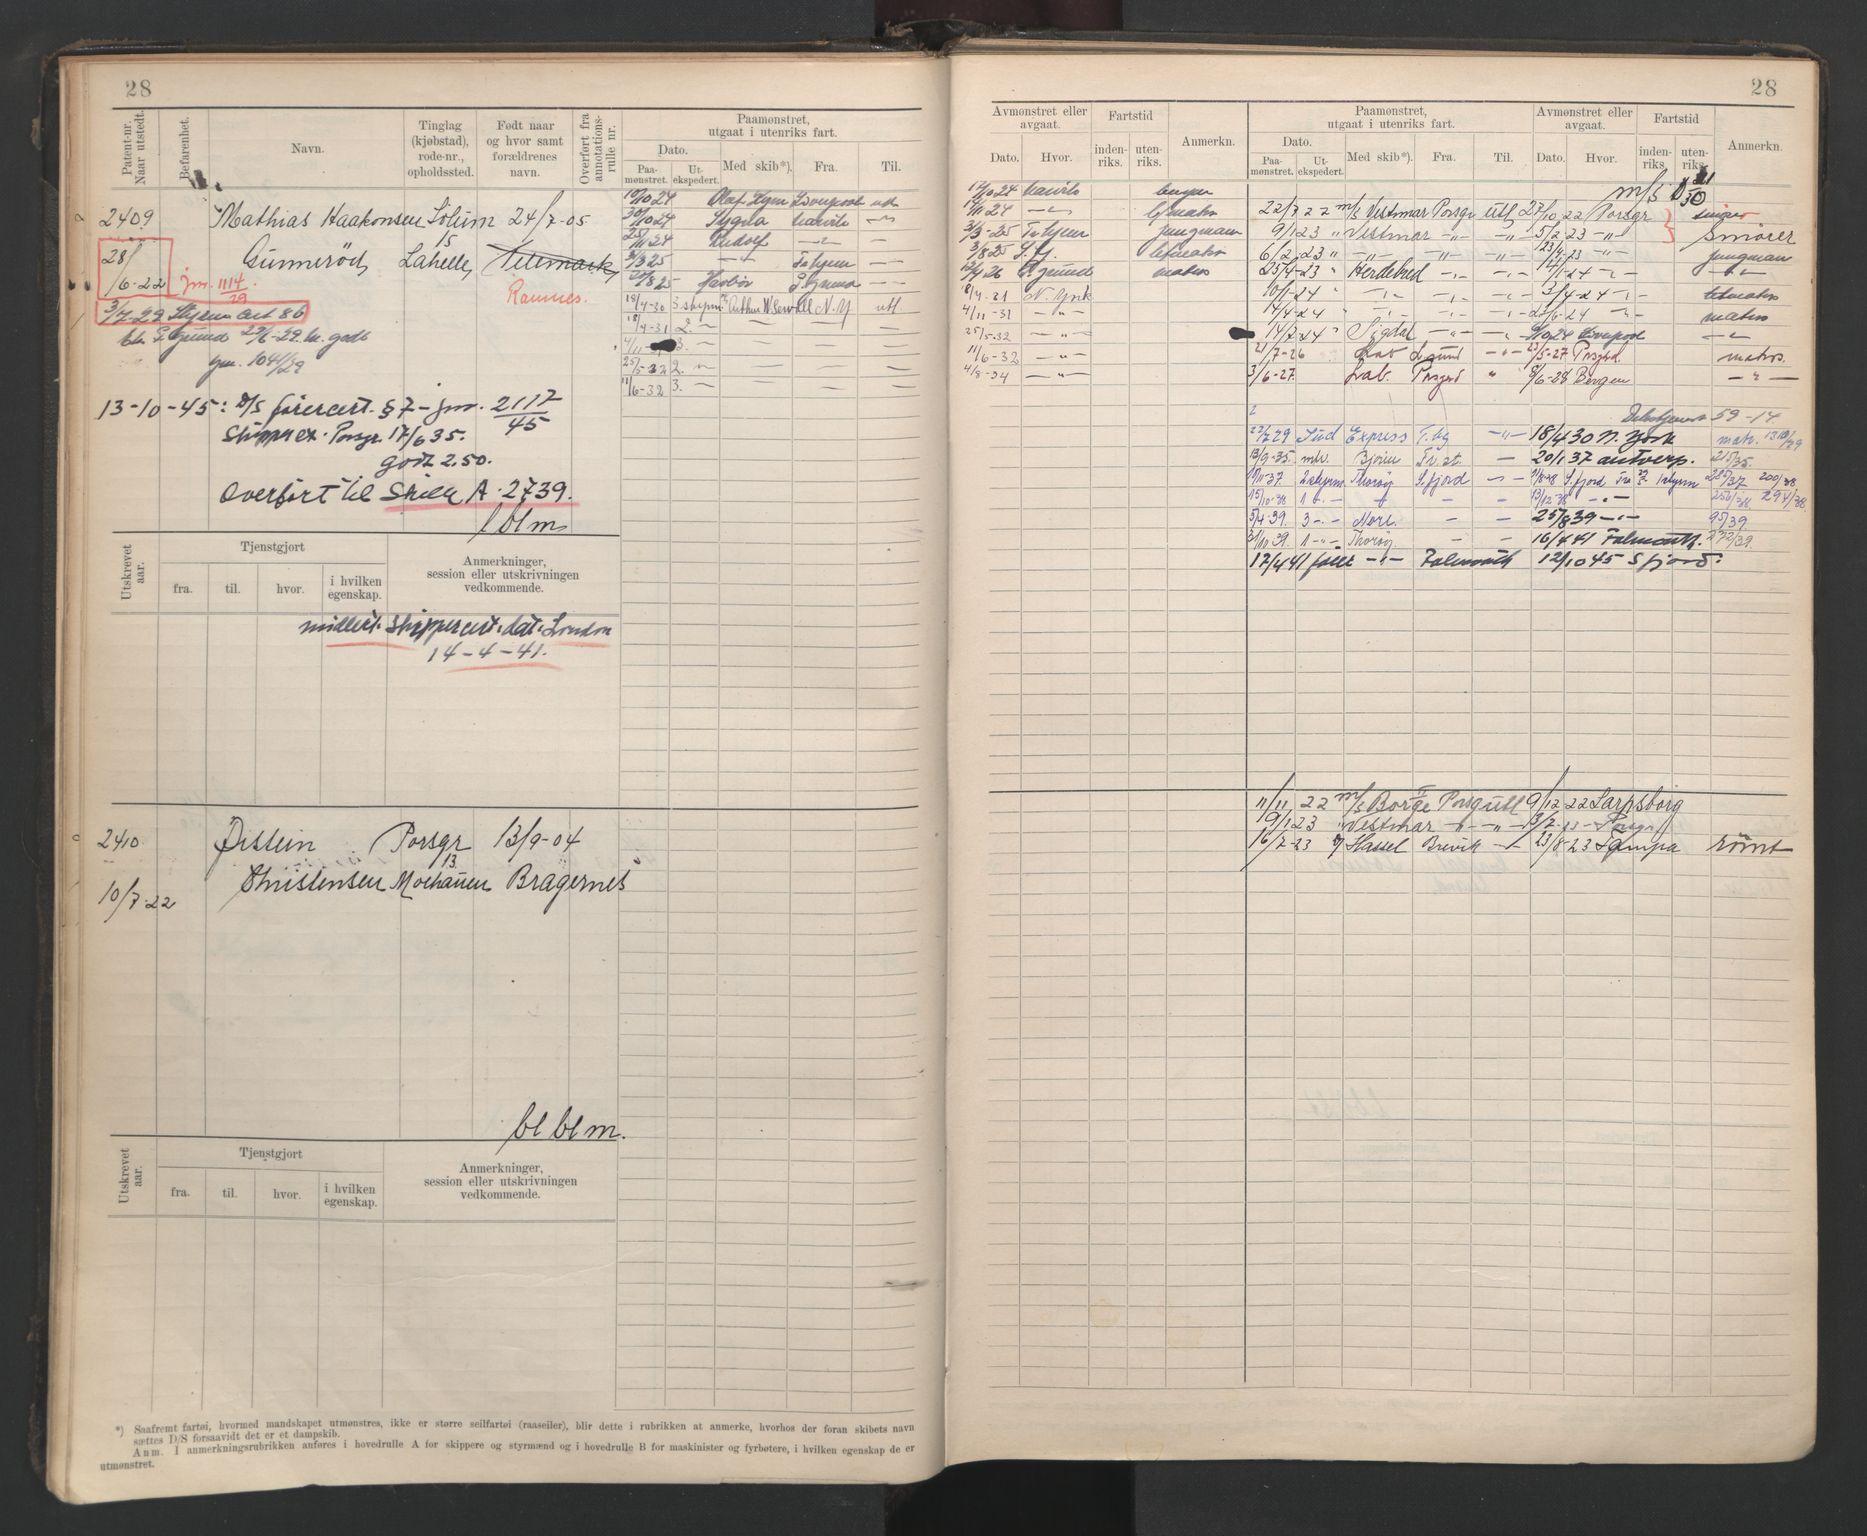 SAKO, Porsgrunn innrulleringskontor, F/Fb/L0007: Annotasjonsrulle, 1926-1948, p. 28